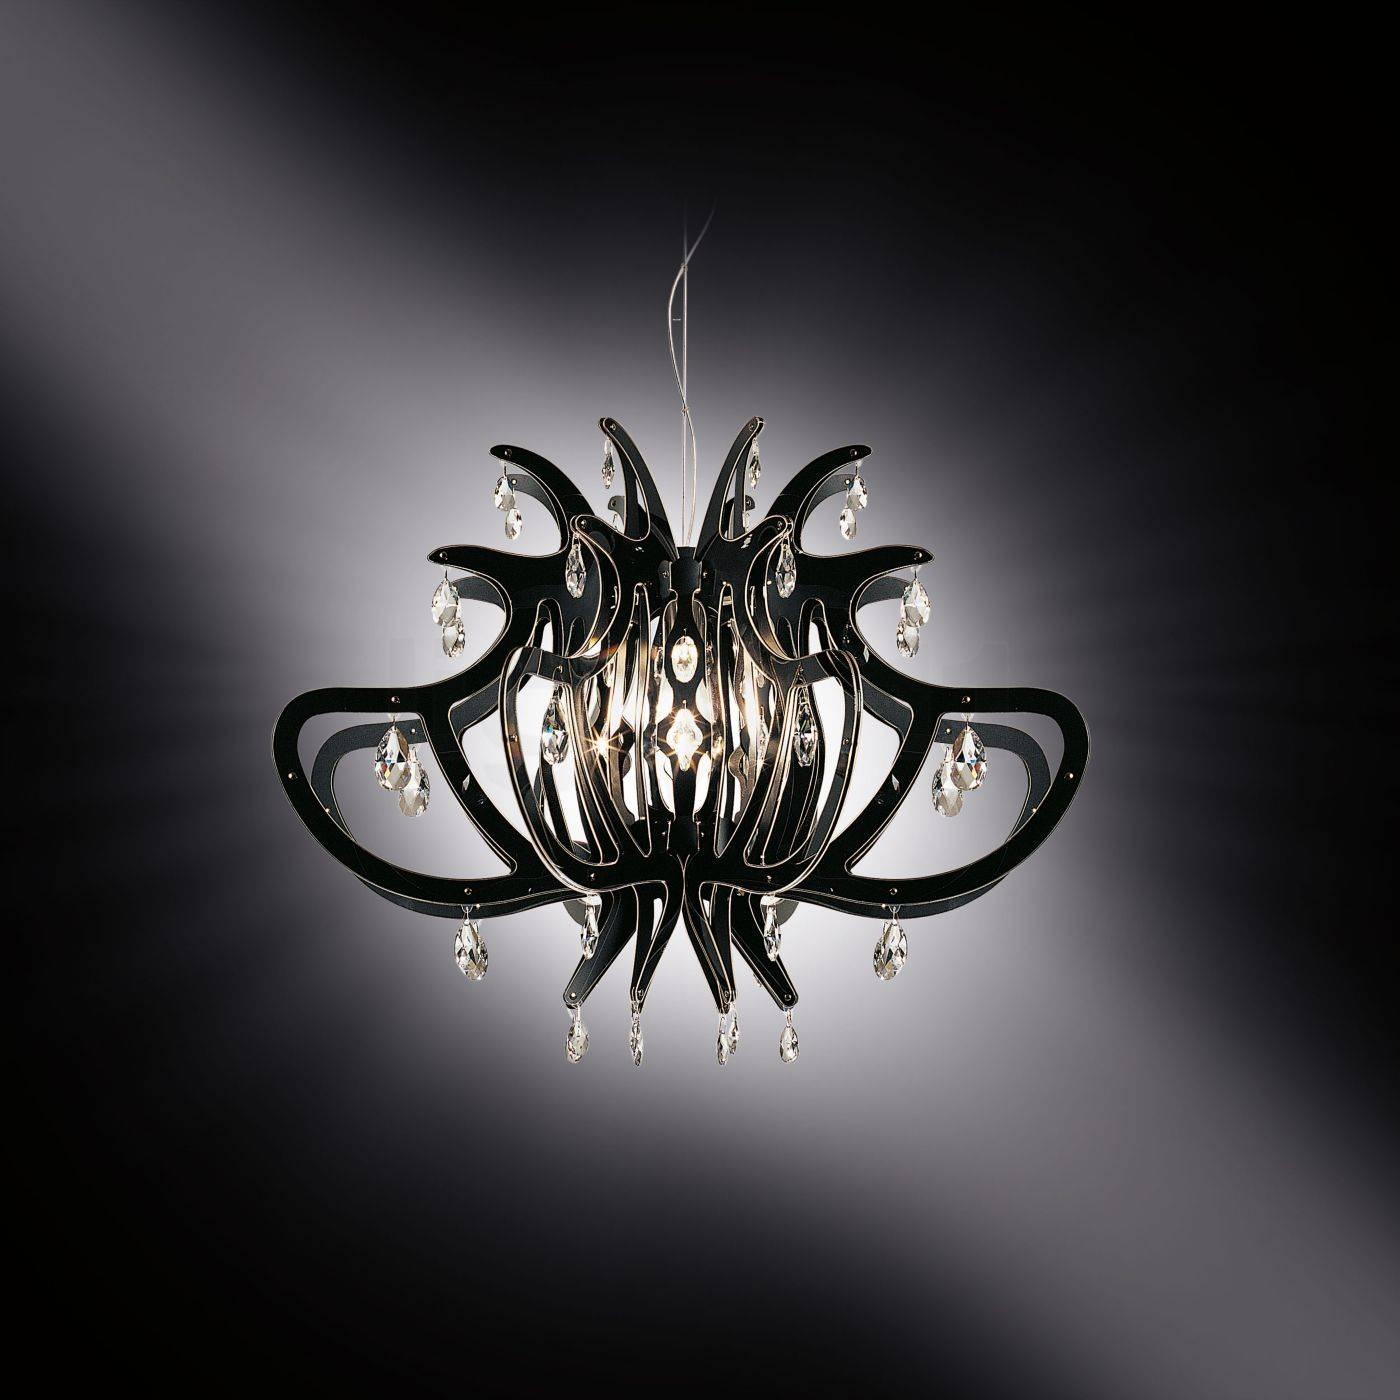 Slamp Medusa Pendant Light Pendant Lights Buy At Light11.eu throughout Medusa Pendant Lights (Image 13 of 15)